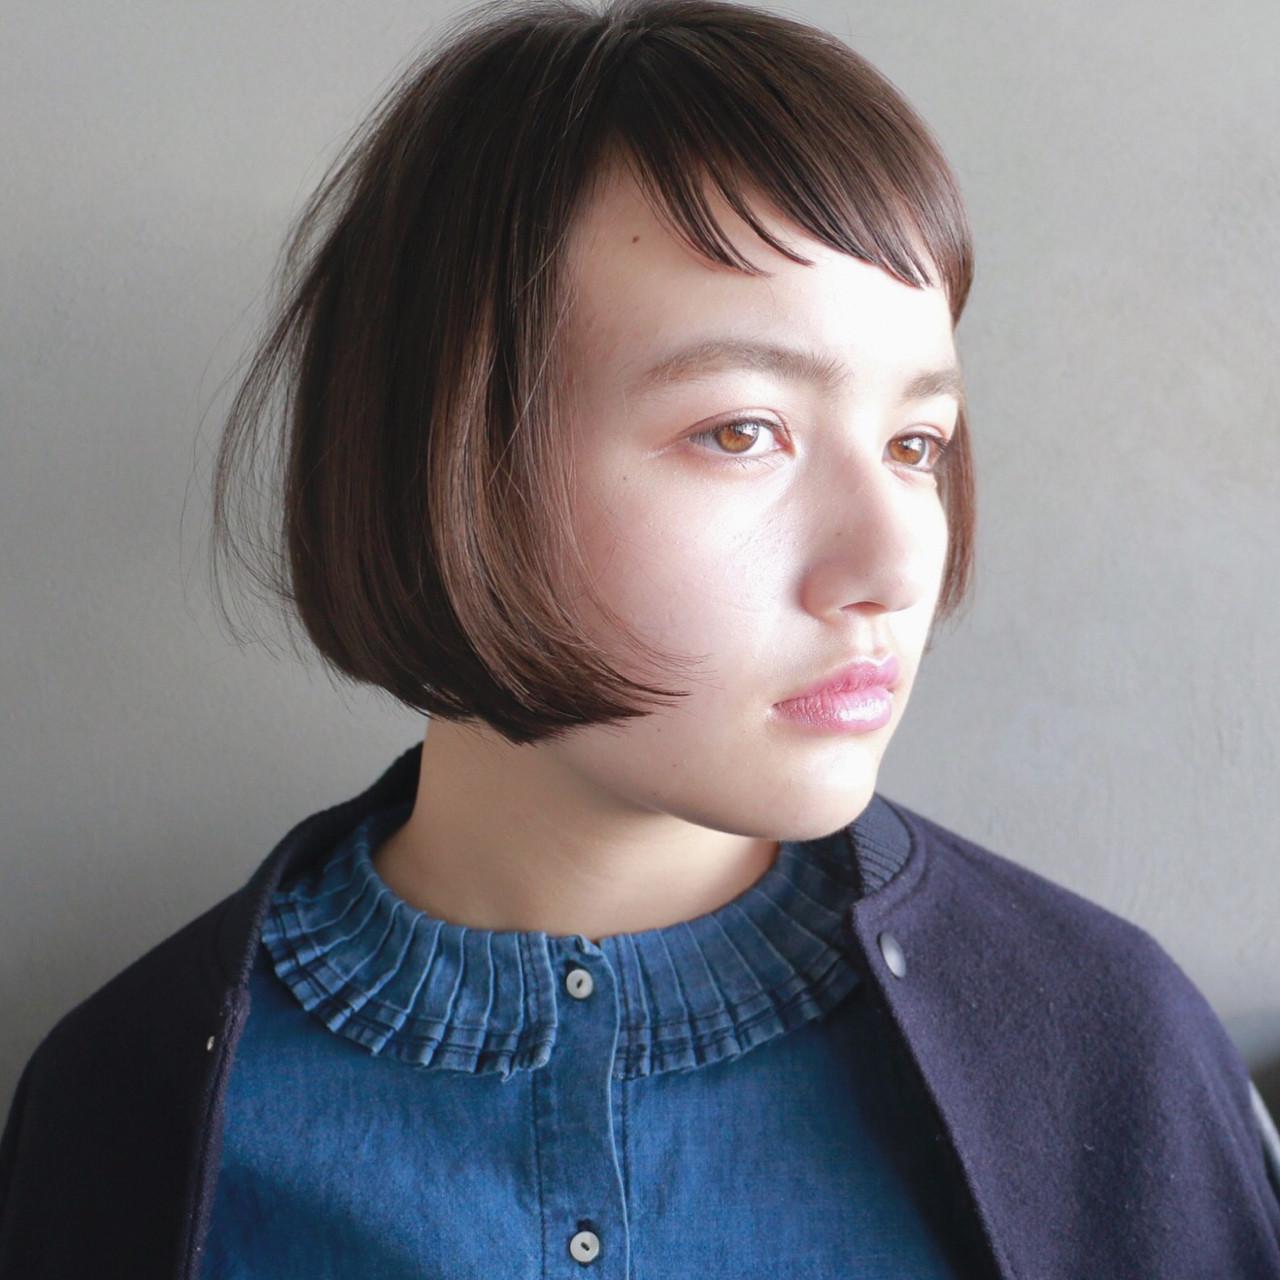 ナチュラル 色気 ボブ 冬 ヘアスタイルや髪型の写真・画像